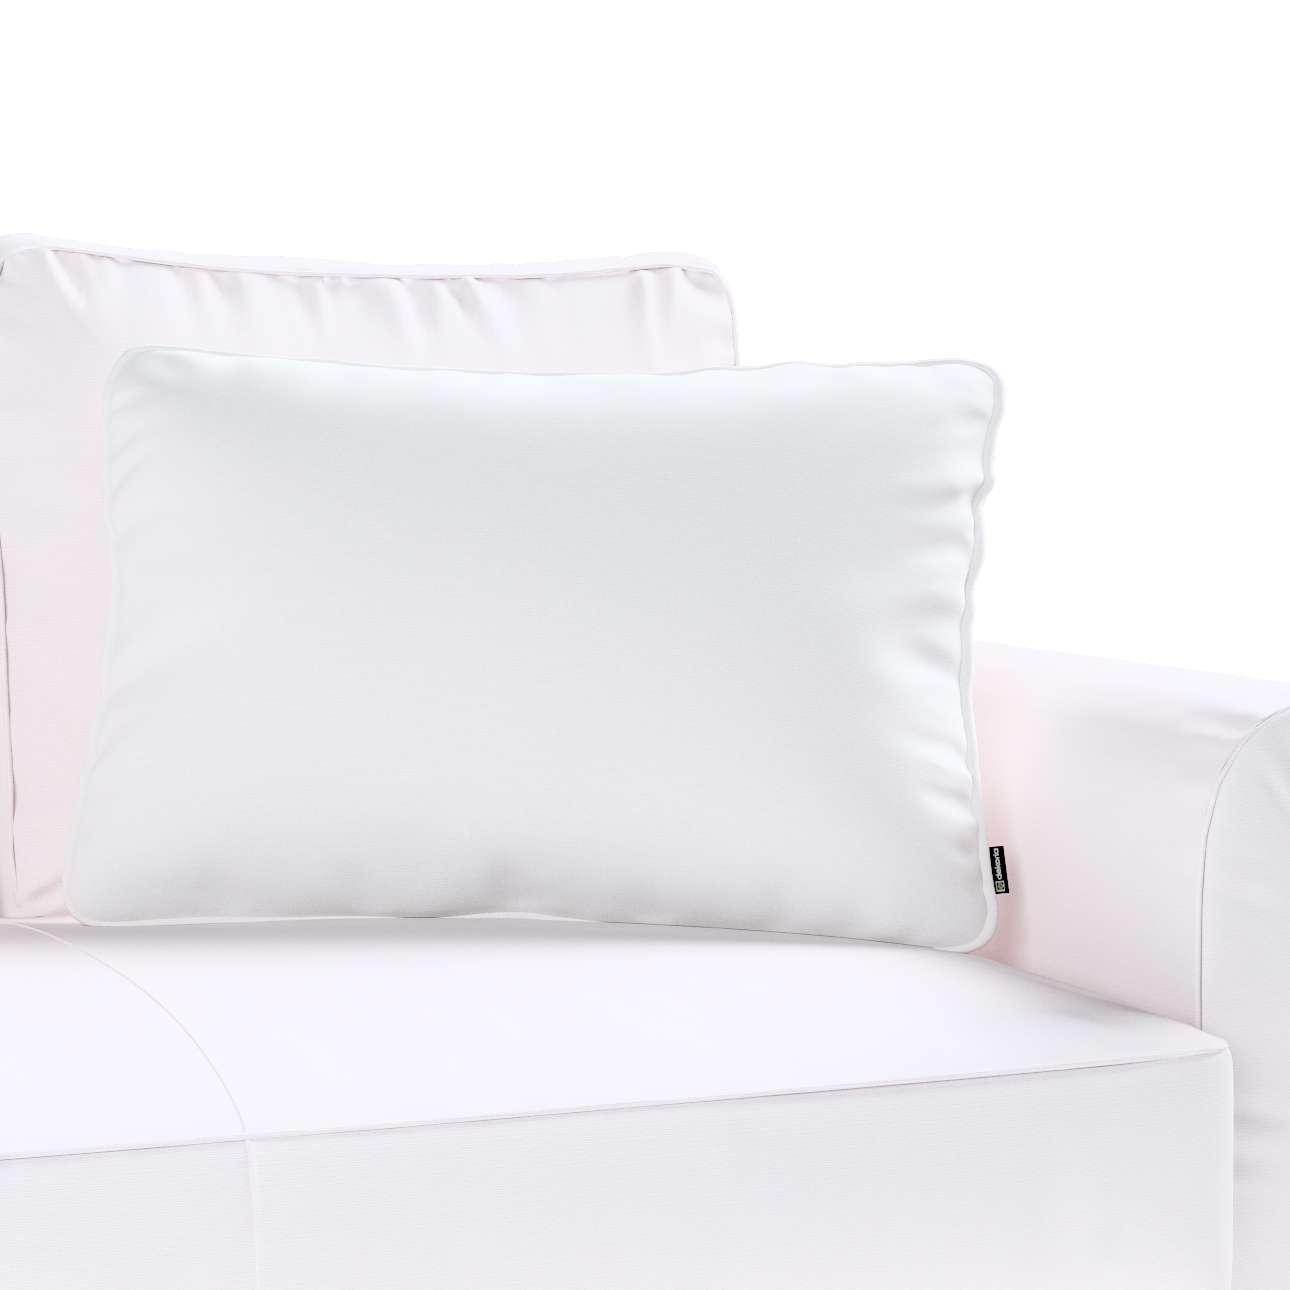 Poszewka Gabi na poduszkę prostokątna 60x40cm w kolekcji Loneta, tkanina: 133-02